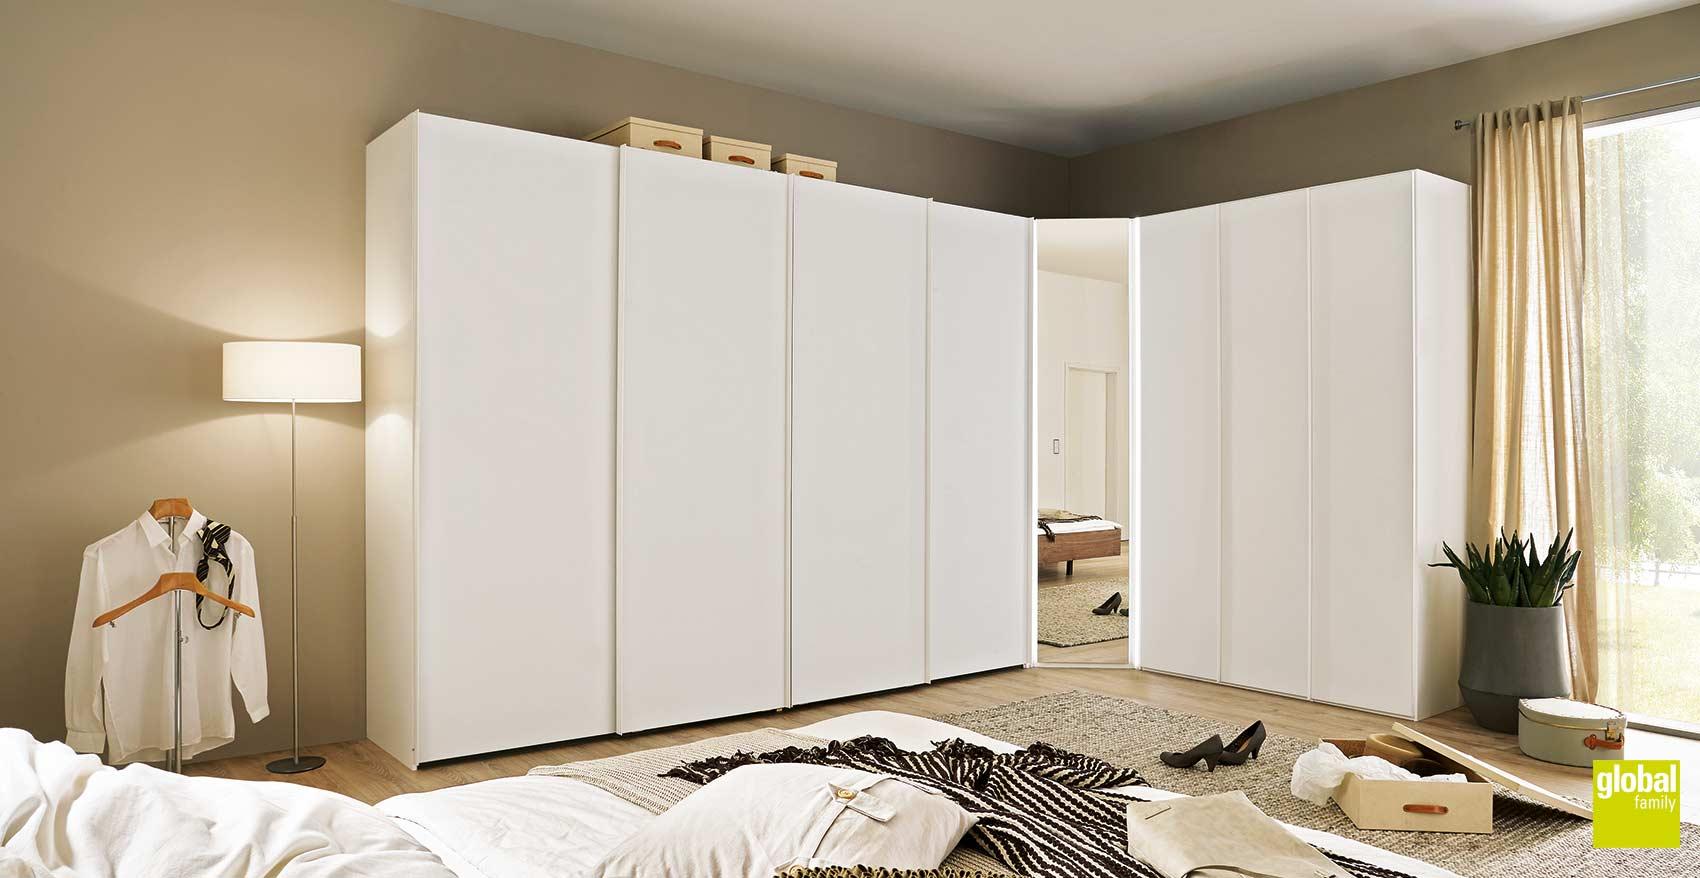 global libro 30 40 50 60 von global wohnen in rehling nahe augsburg m bel raschke. Black Bedroom Furniture Sets. Home Design Ideas